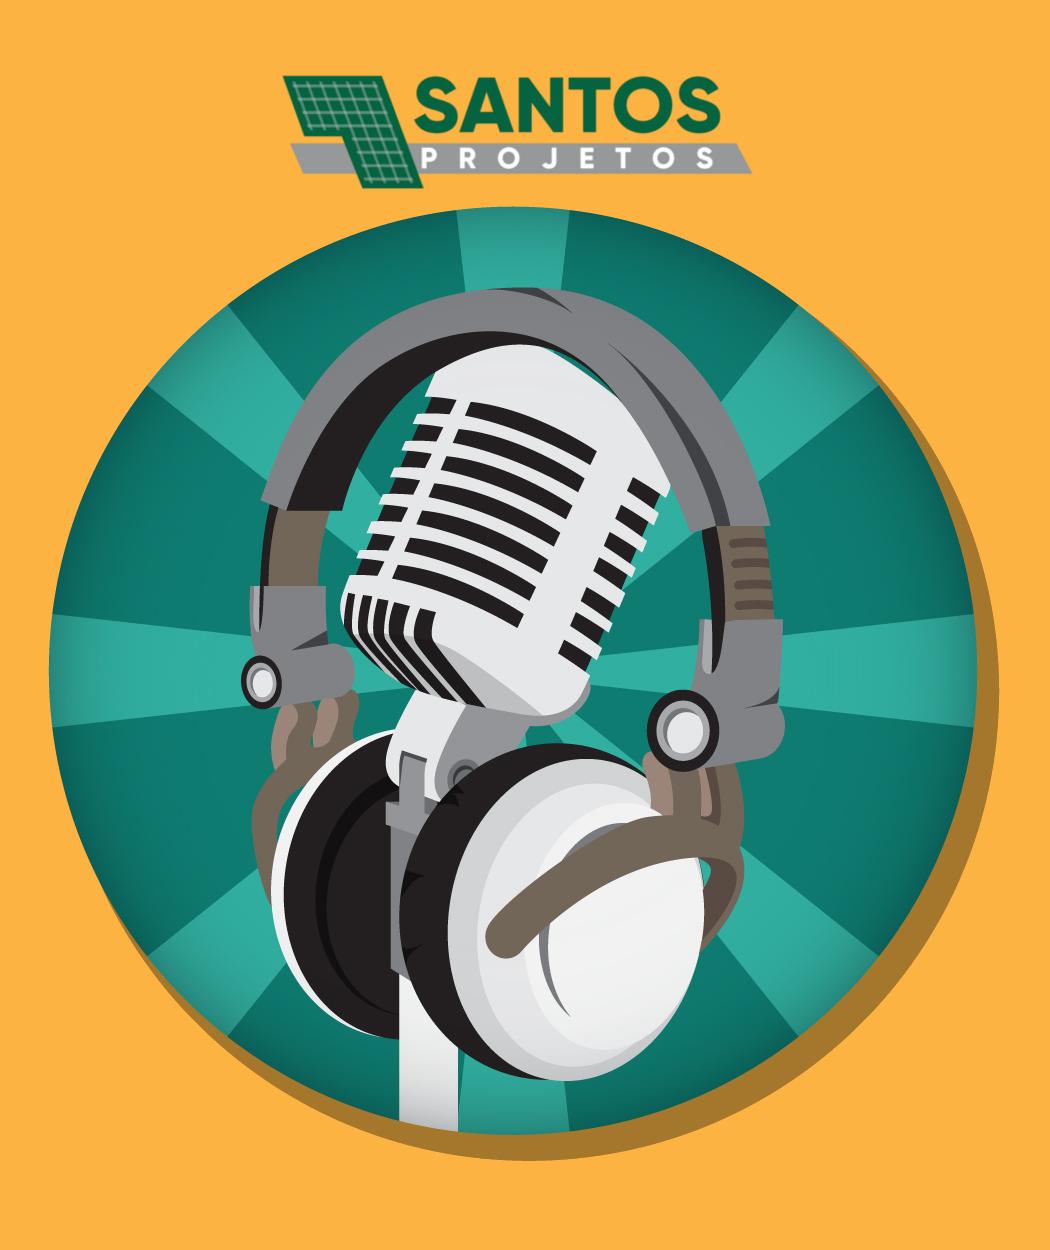 Rádio JBFM – Programa Mercado Imobiliário sobre Autovistoria Predial (Parte 3)